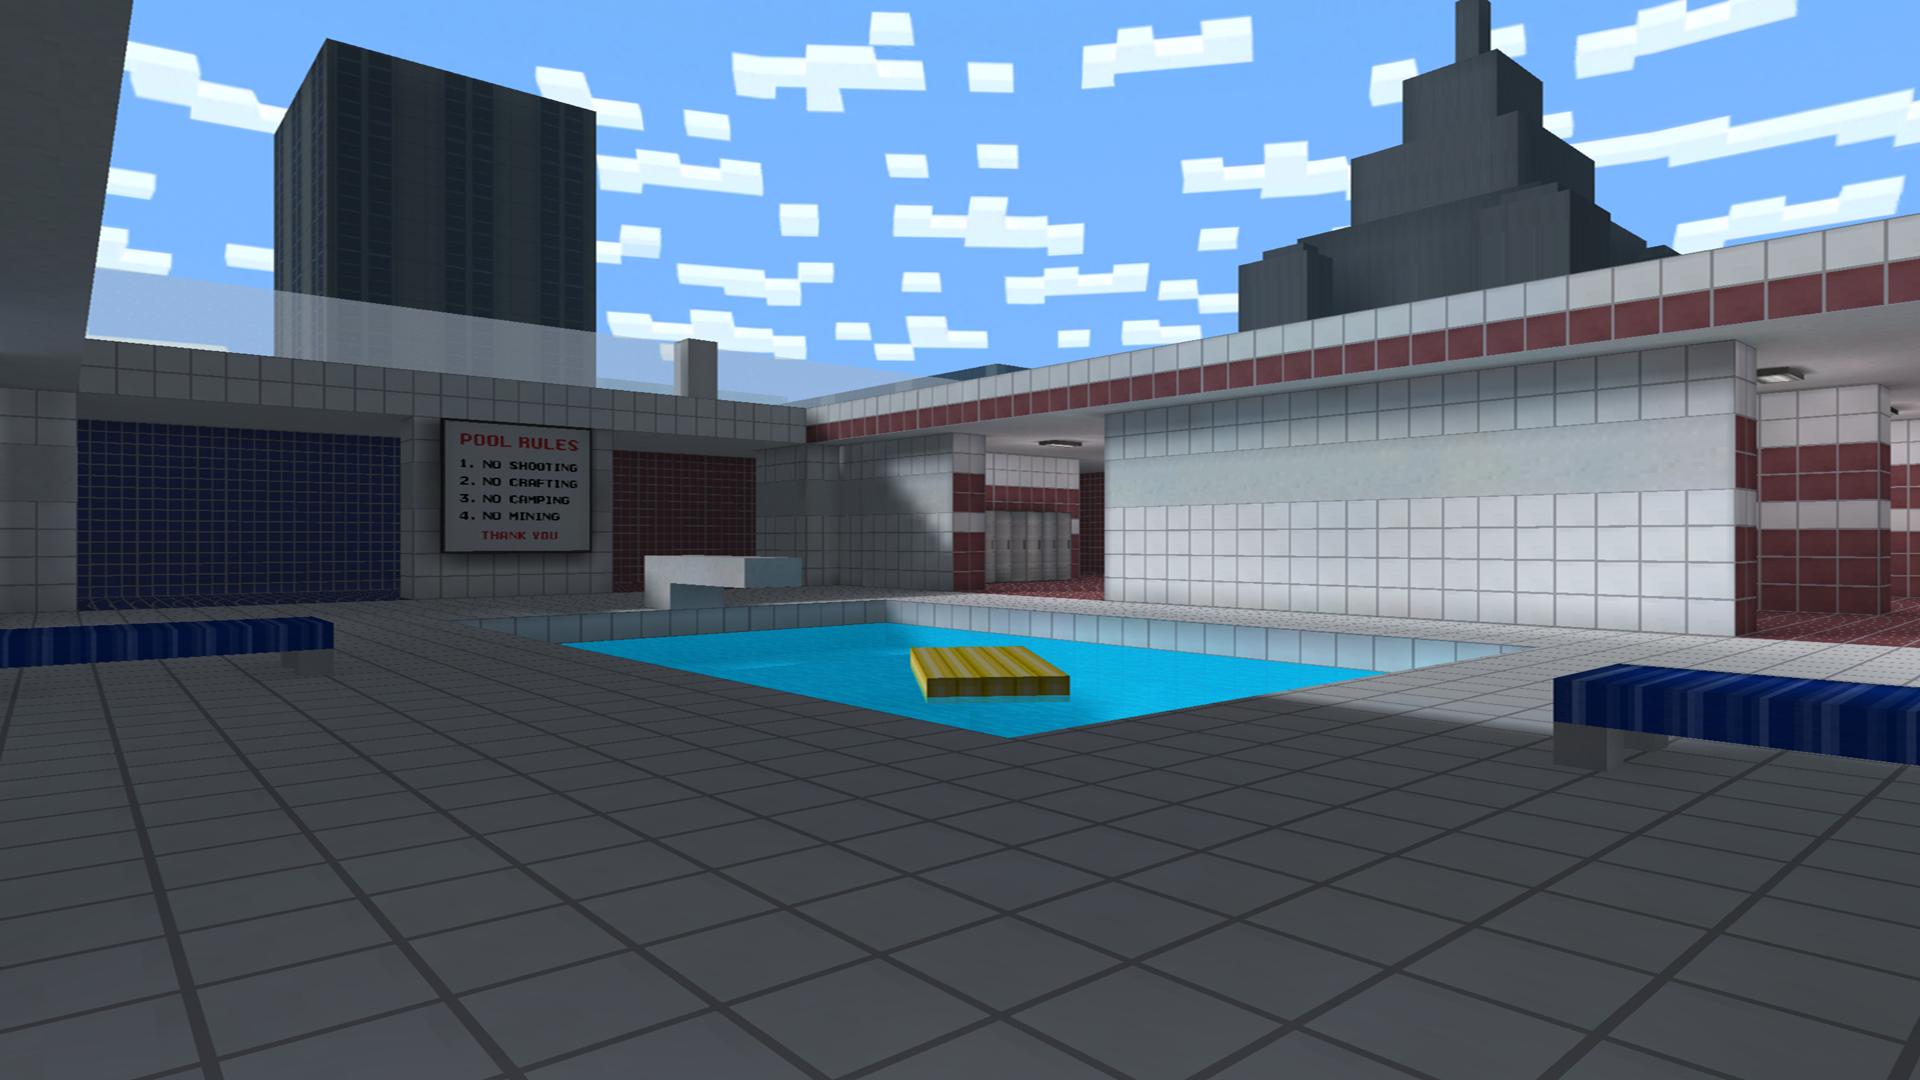 Pool Party (PGW)